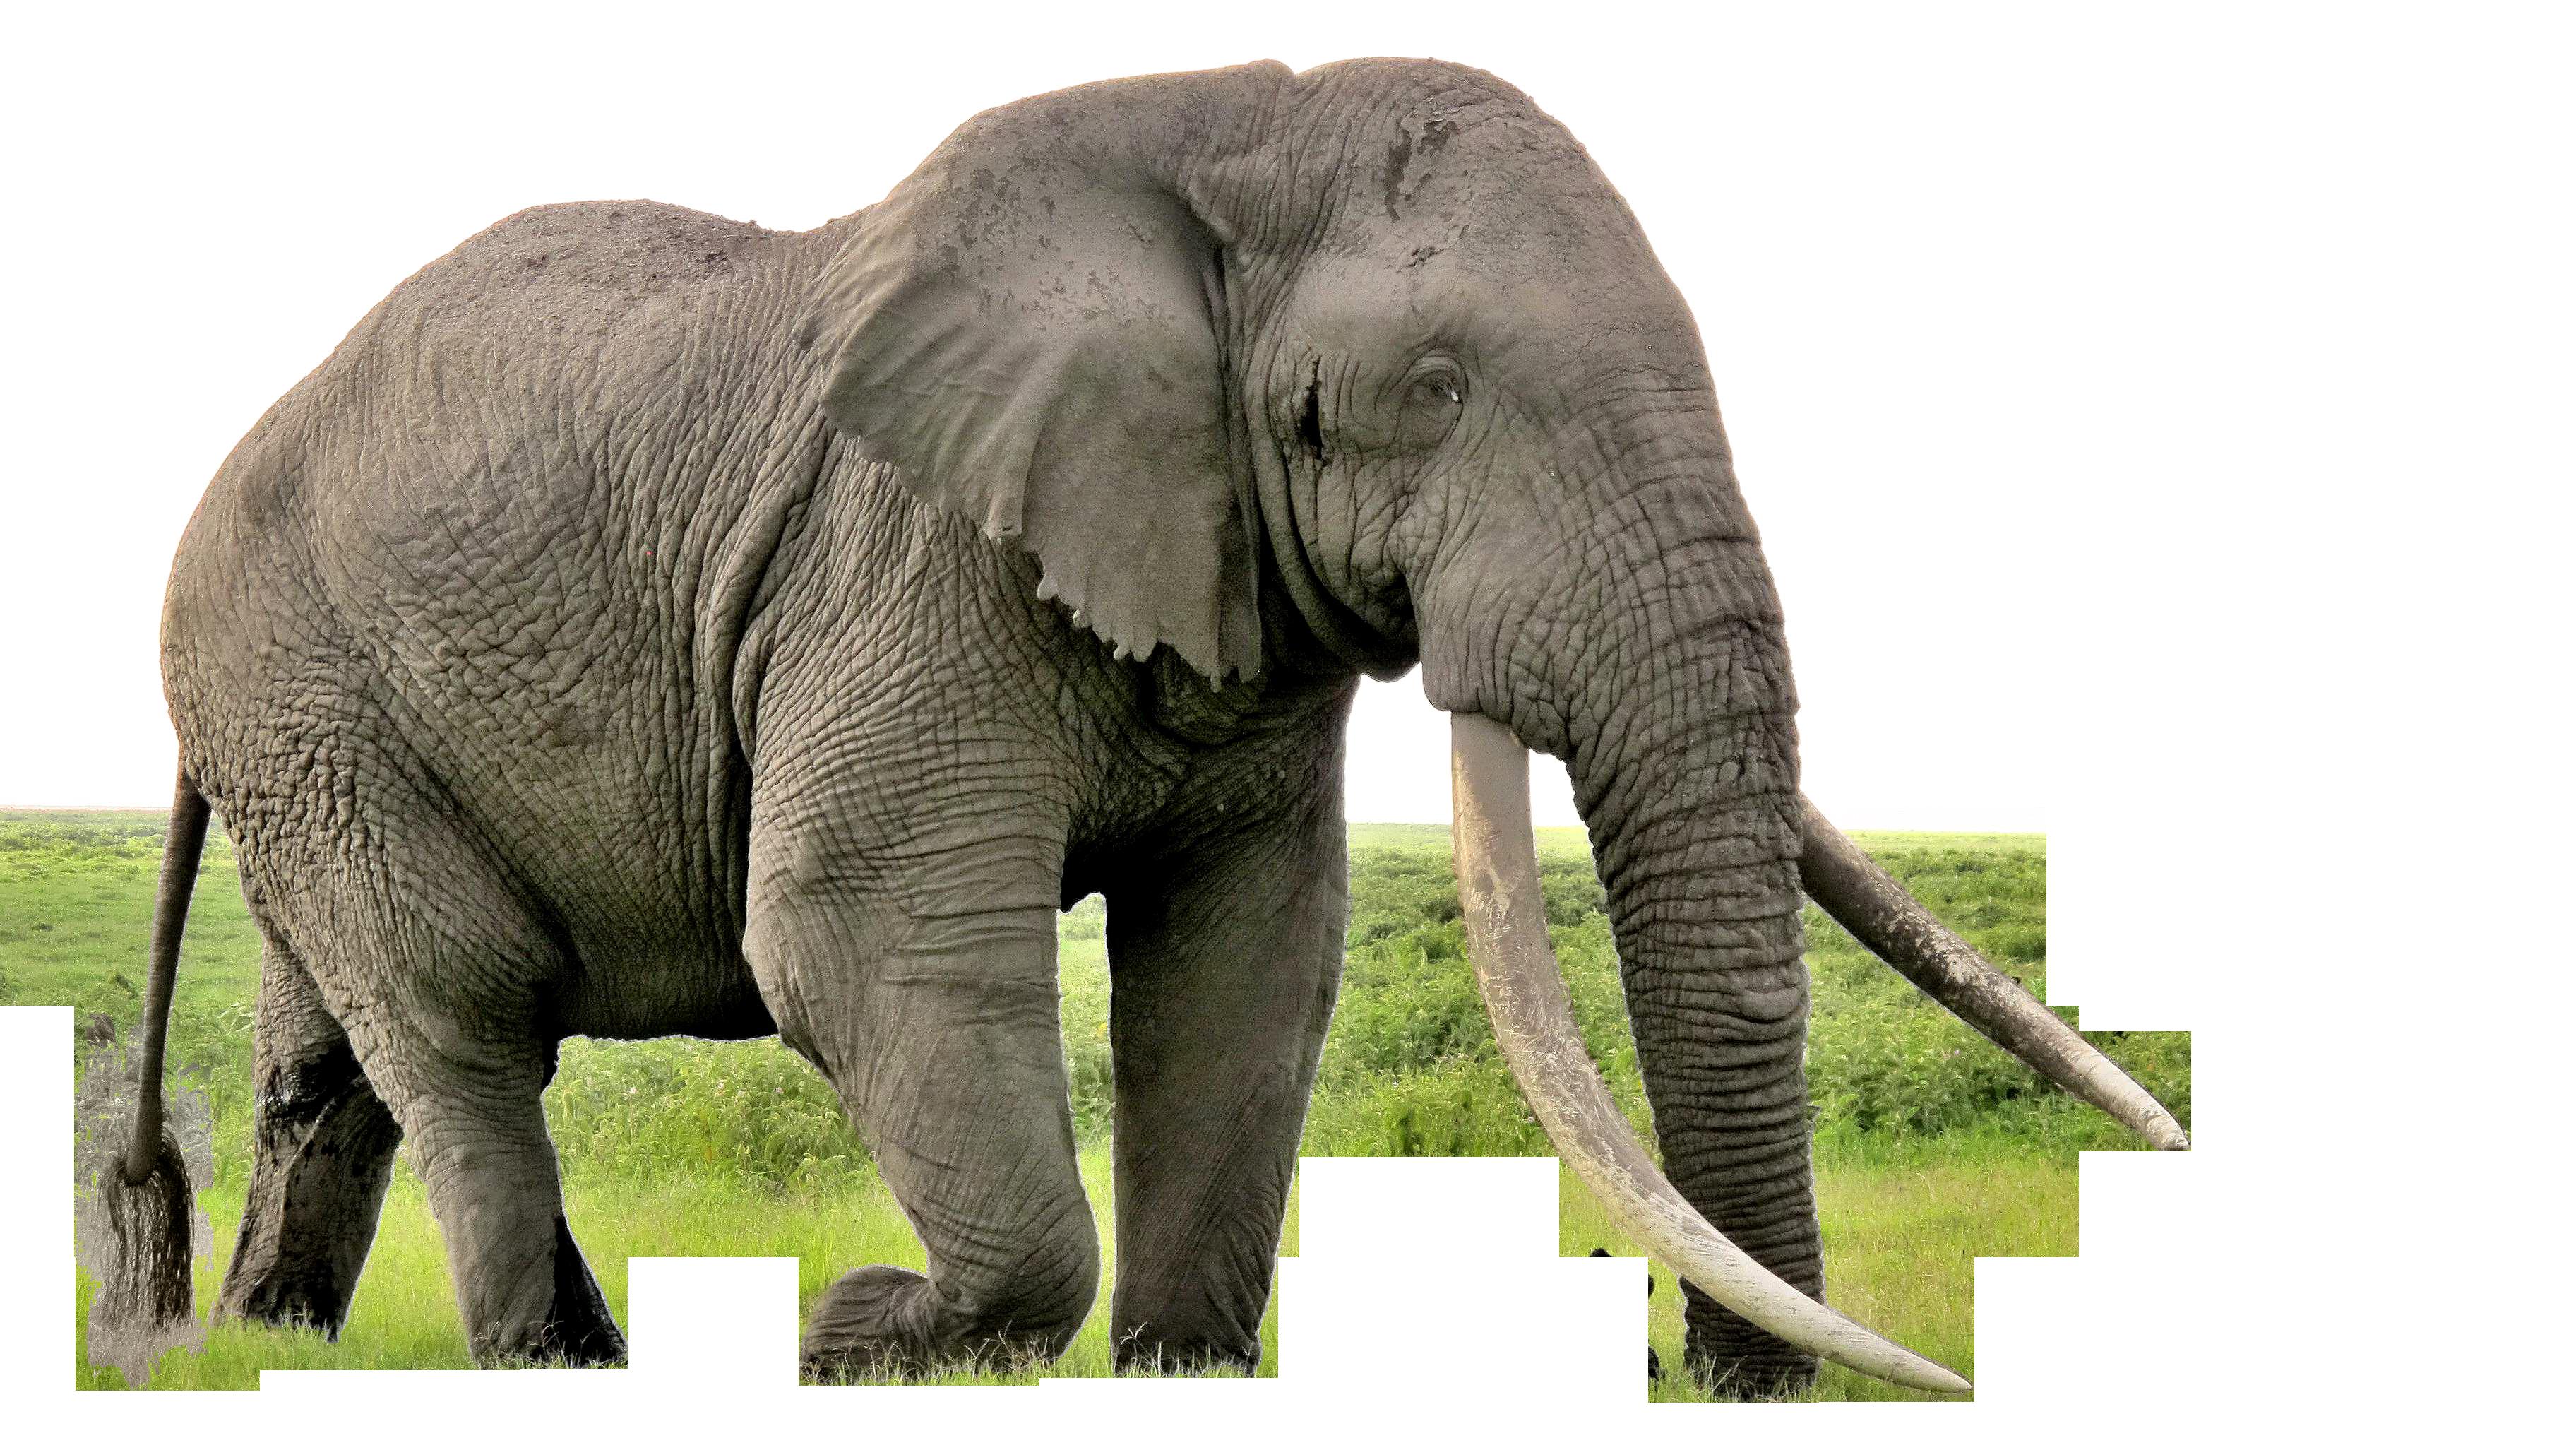 elephant png image 4.